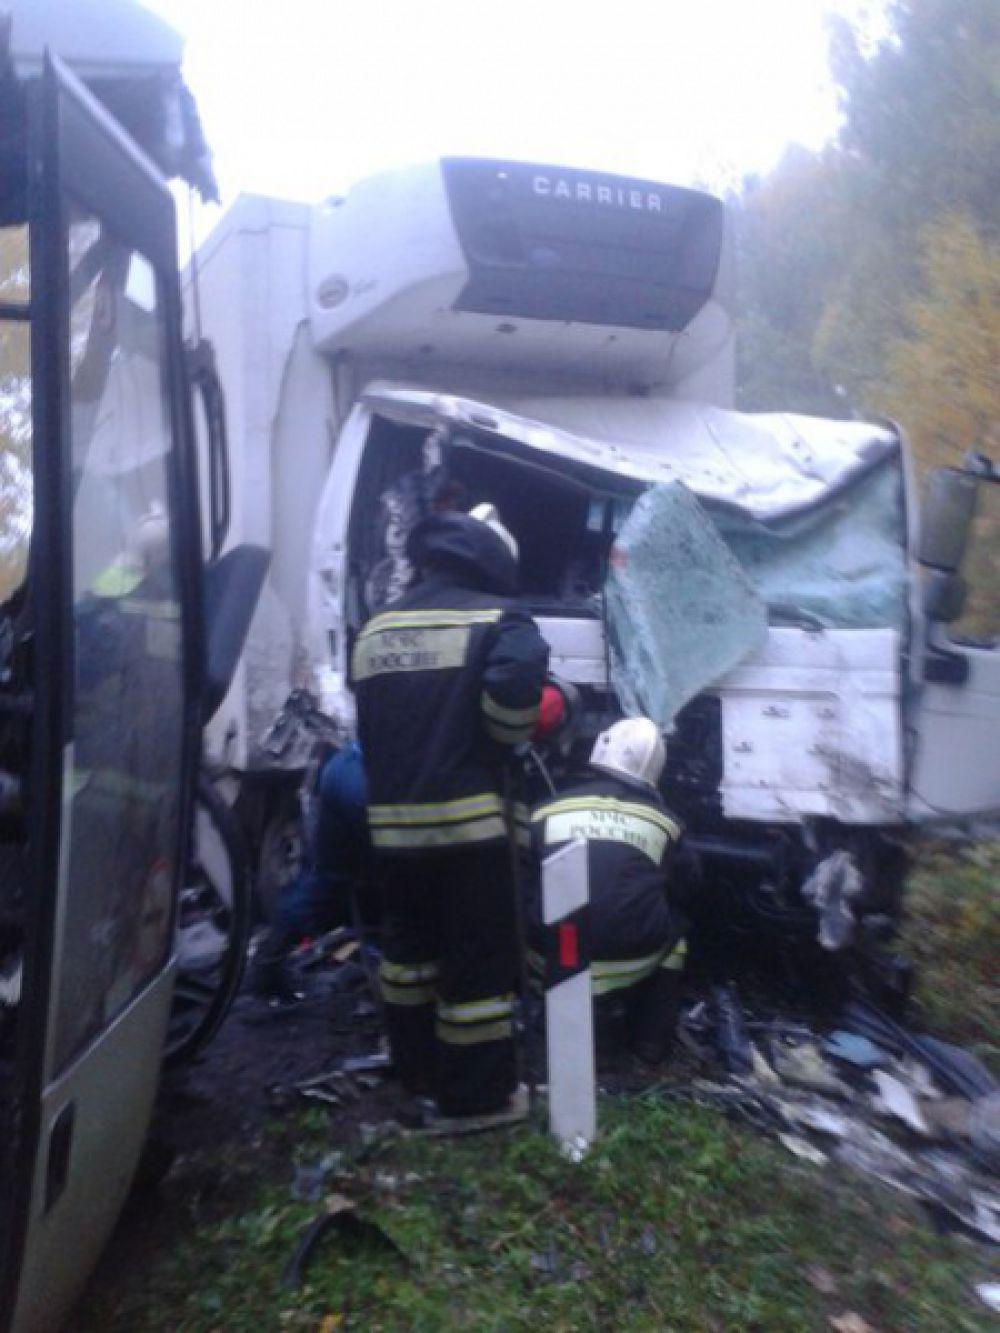 В страшной аварии погибли двое пассажиров автобуса -  мужчина и молодая девушка.